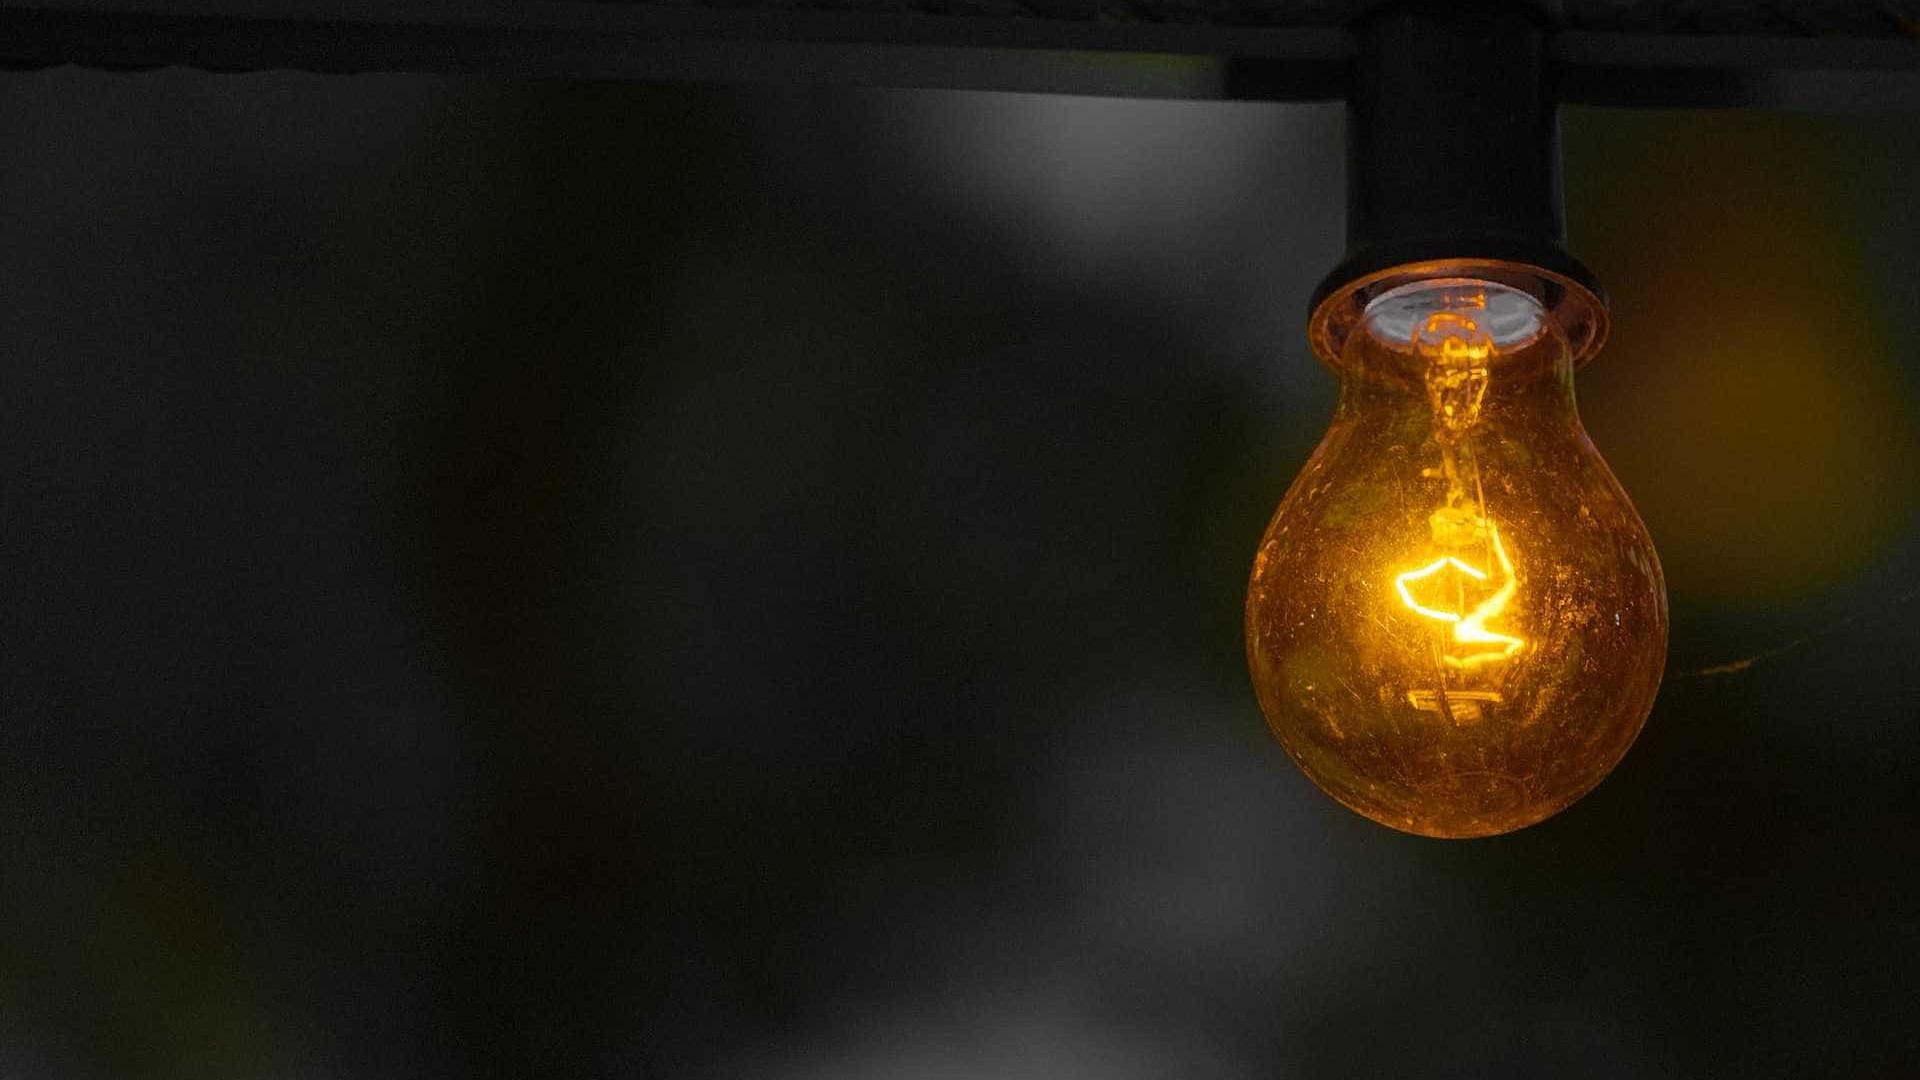 Apagão em 13 estados deixa 70 milhões sem luz